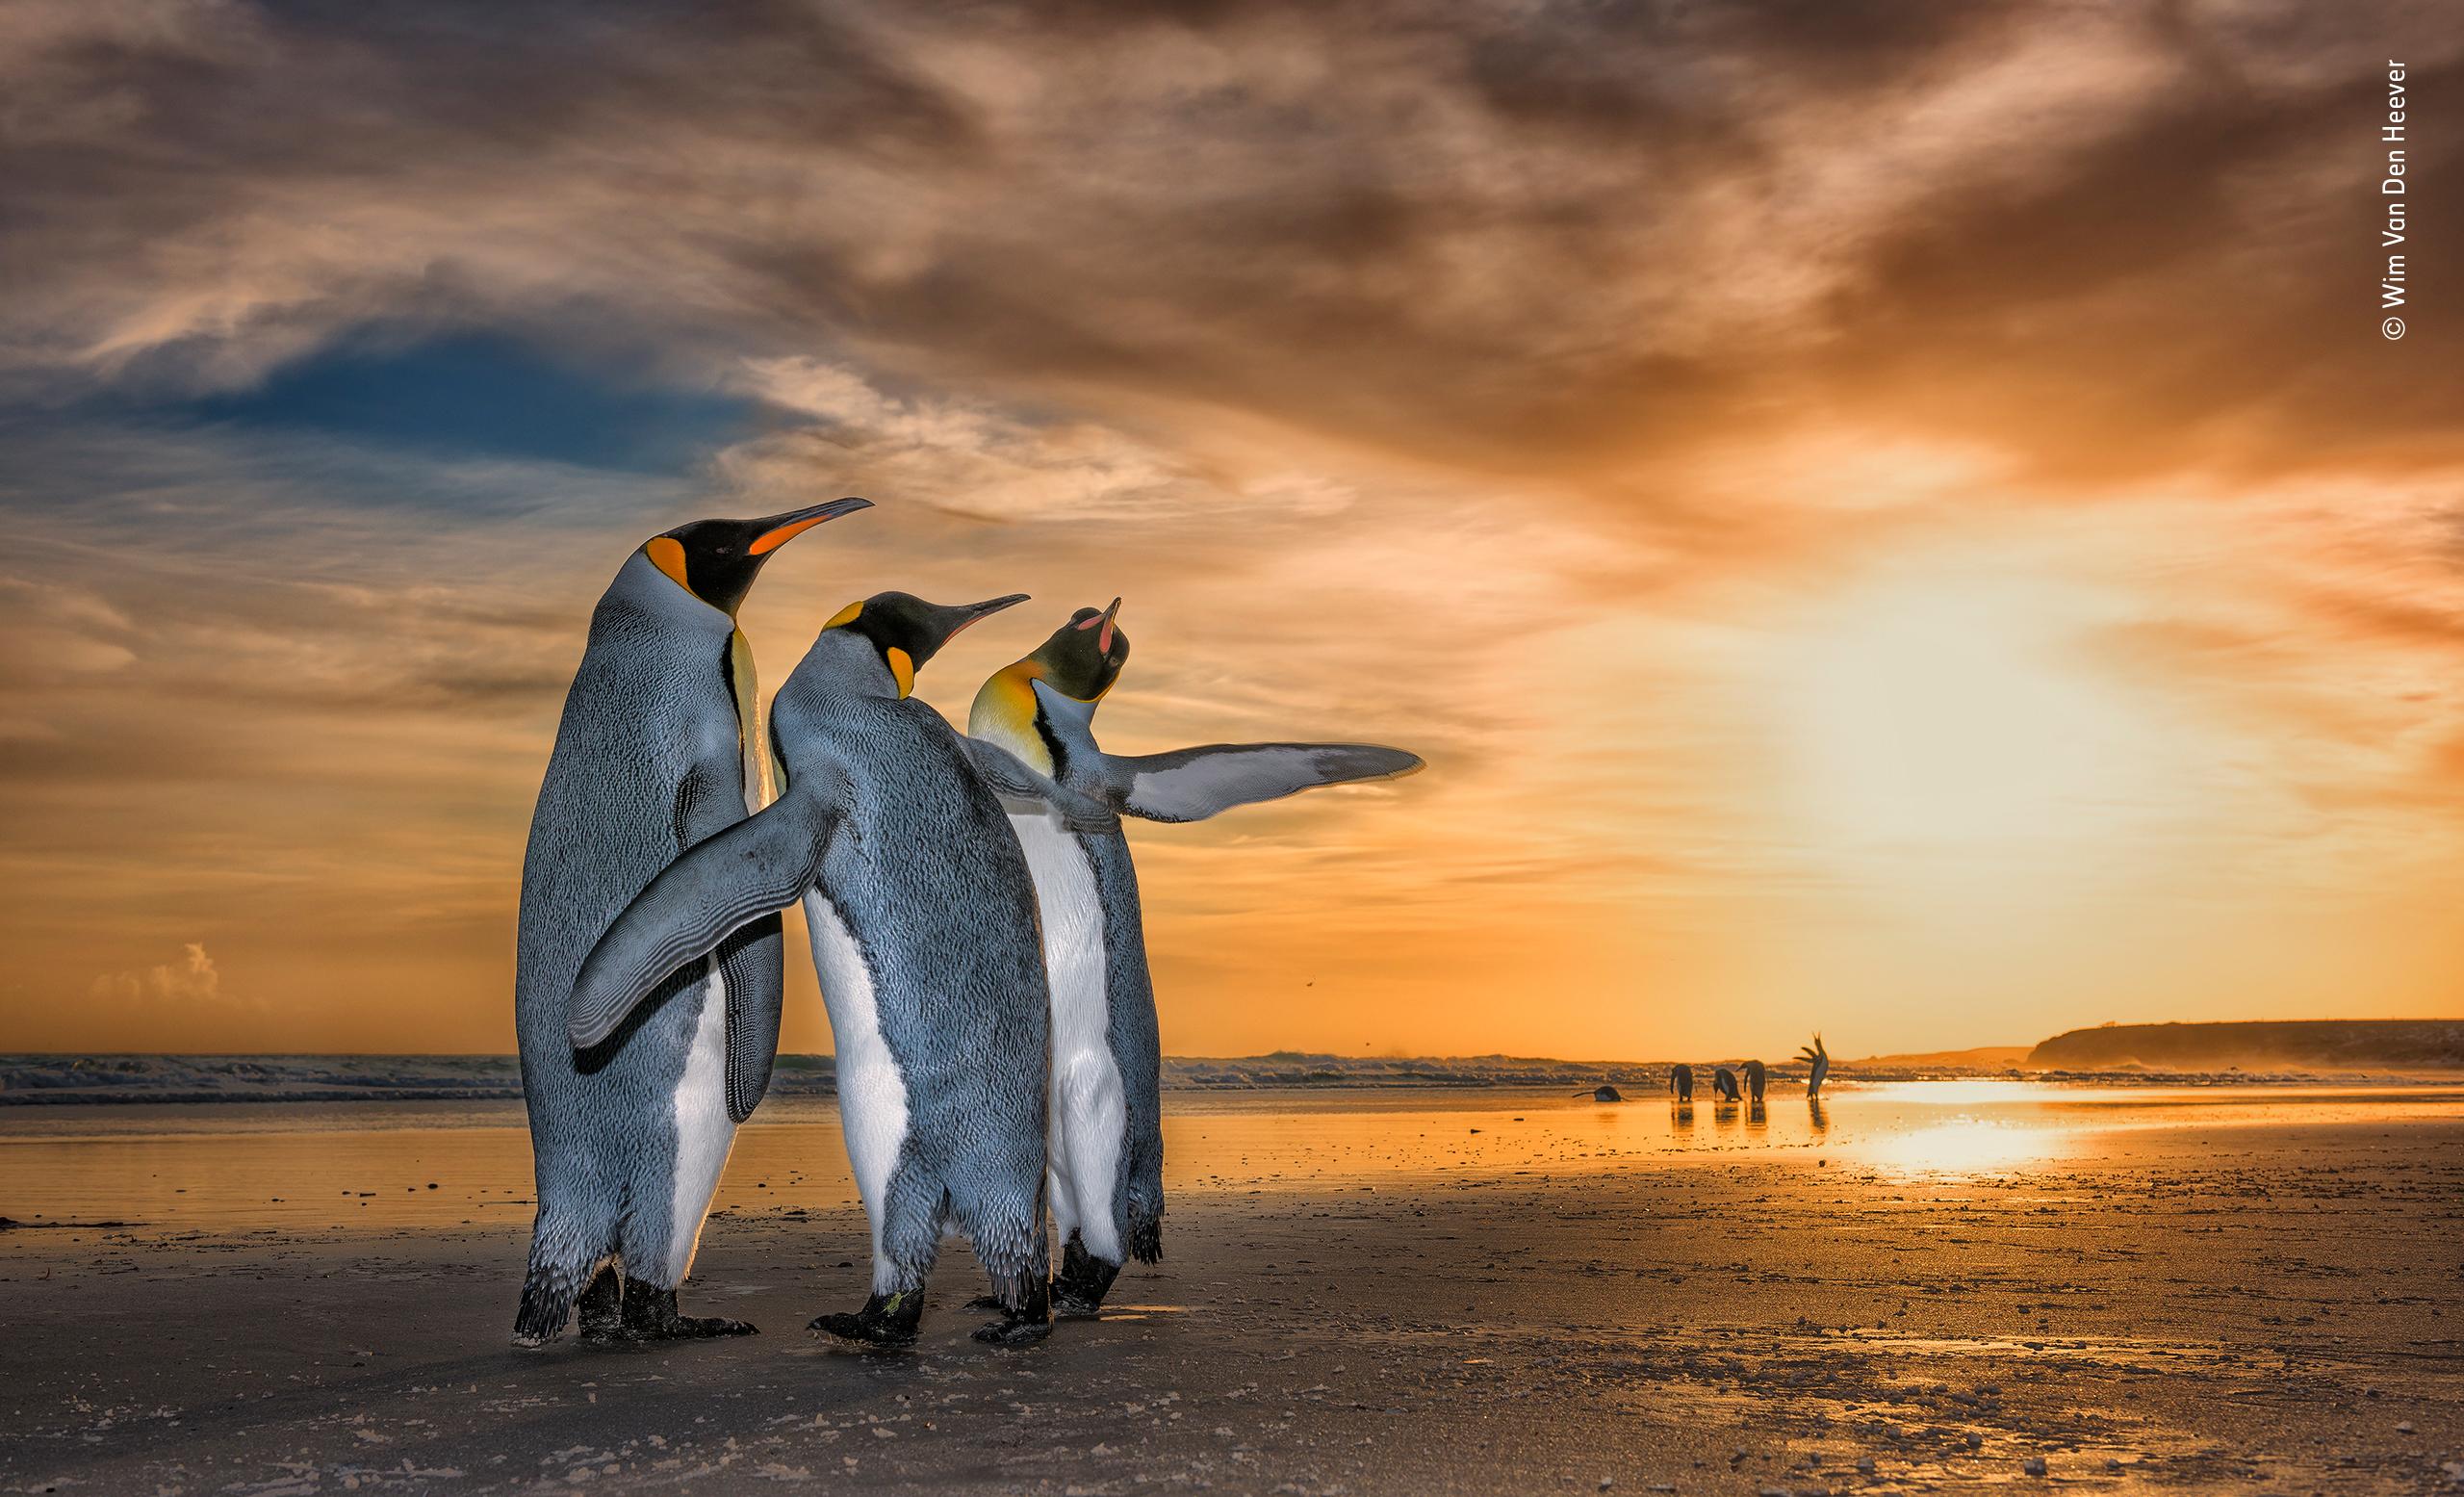 'Three Kings' by Wim Van Den Heever, South Africa